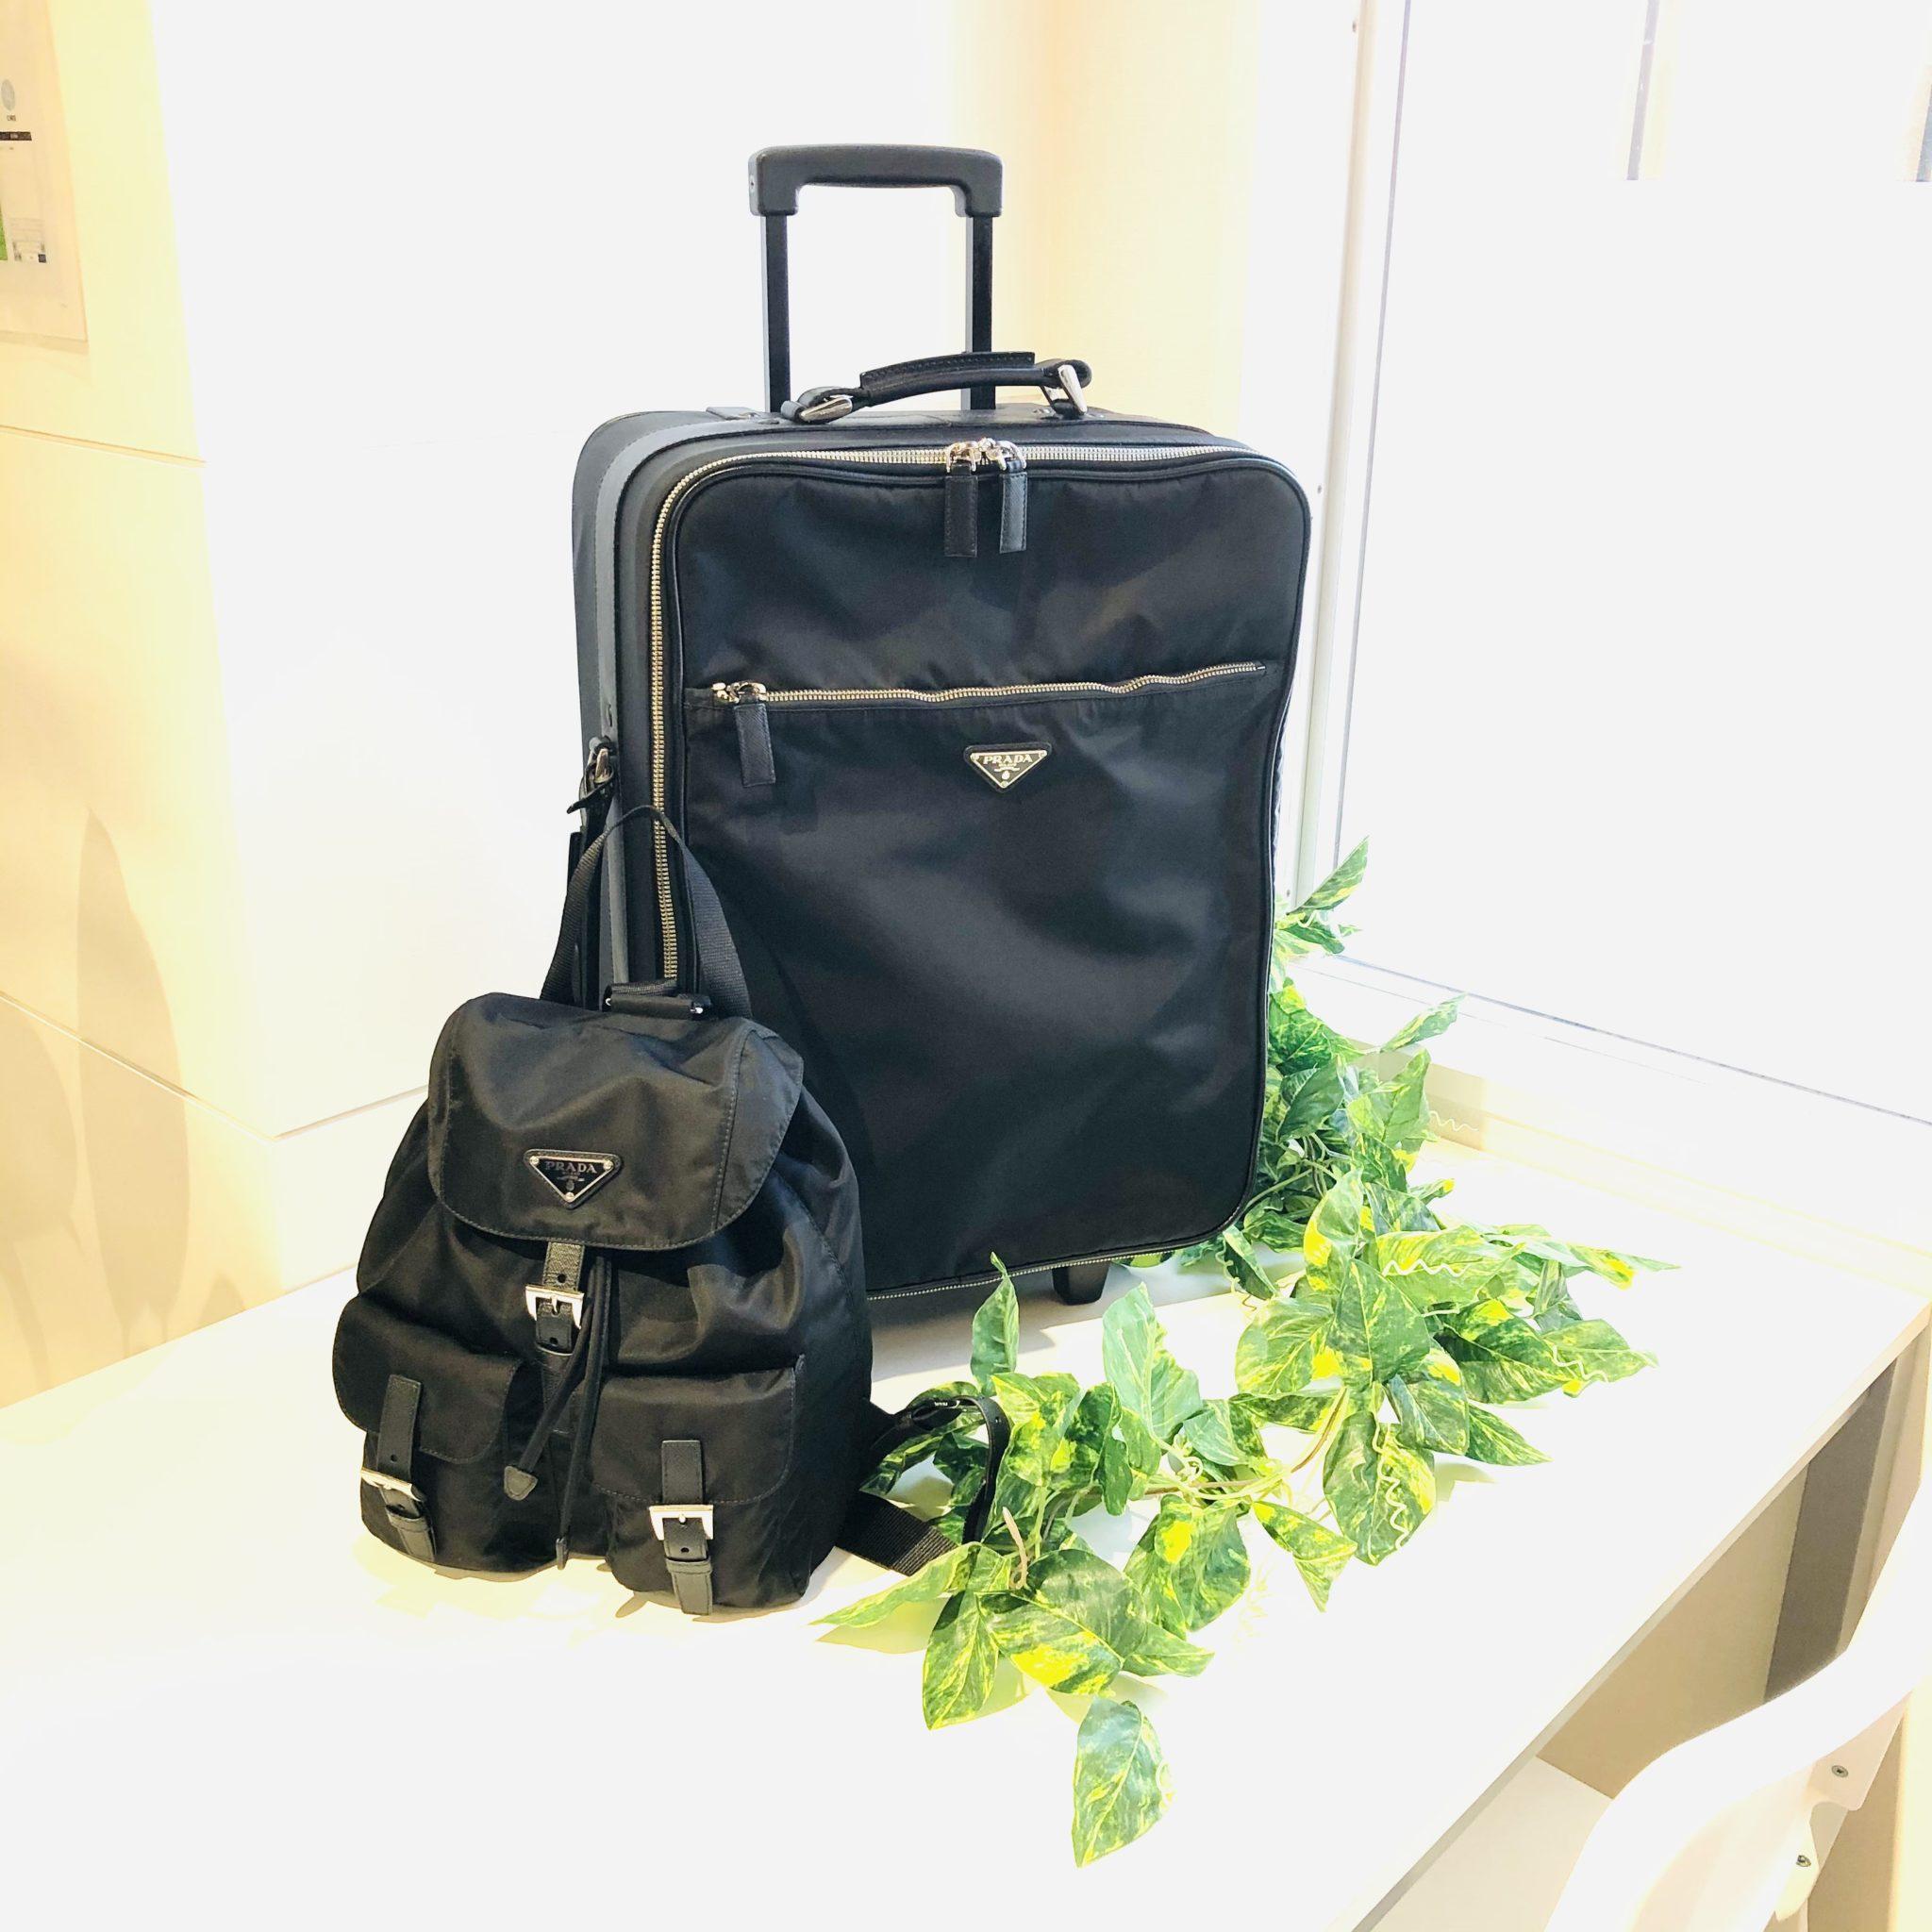 【プラダ 販売 盛岡】子供連れでの帰省や旅行に便利なキャリーバッグ&リュック